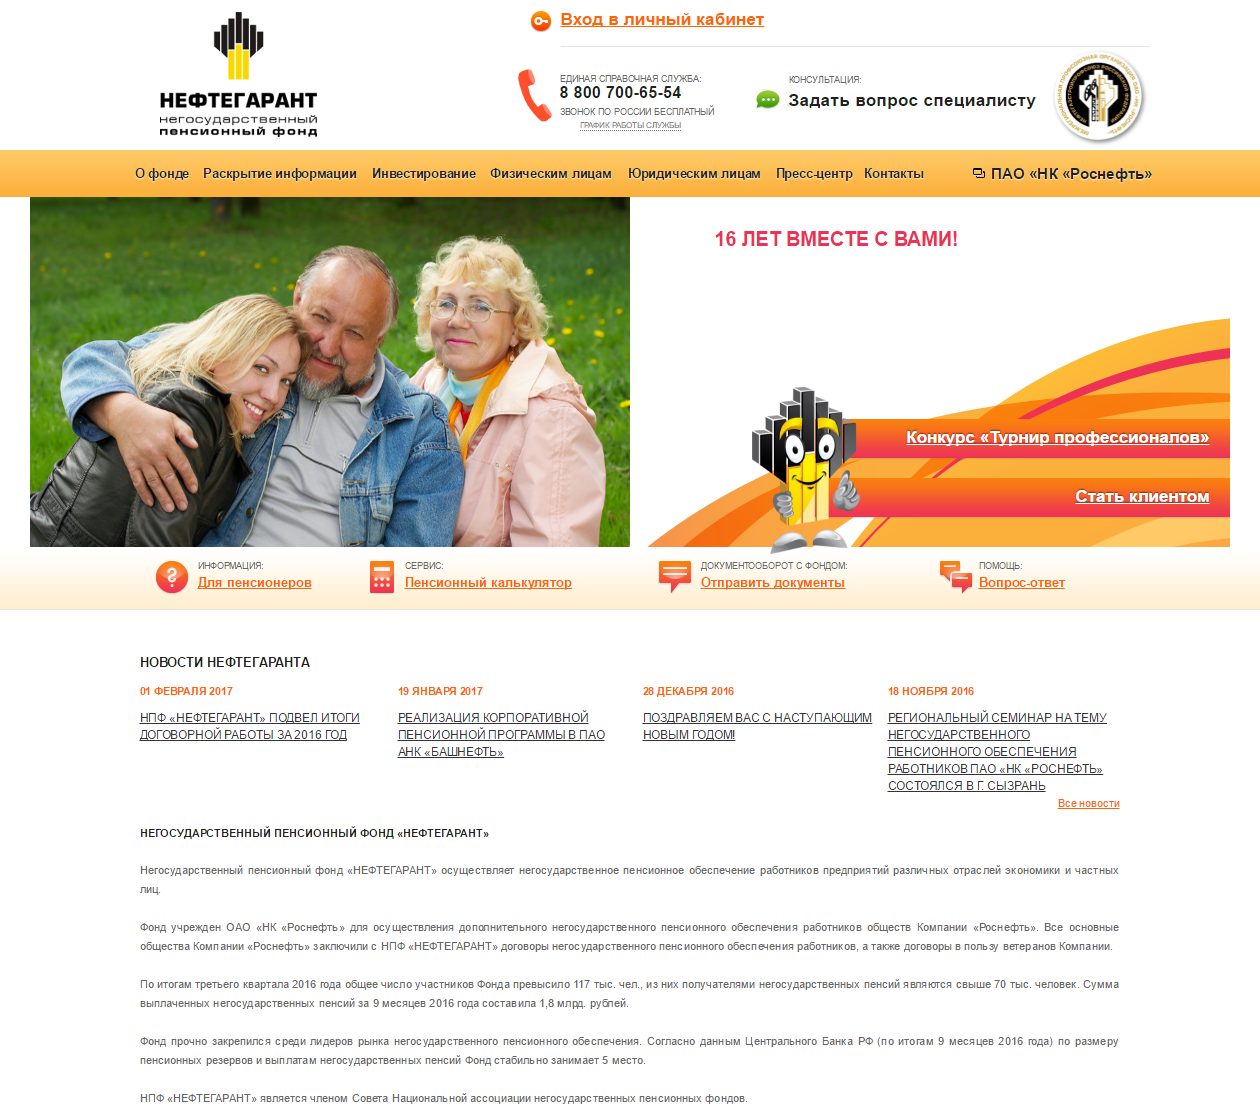 Изображение - Негосударственный пенсионный фонд нефтегарант NPF-Neftegarant-1